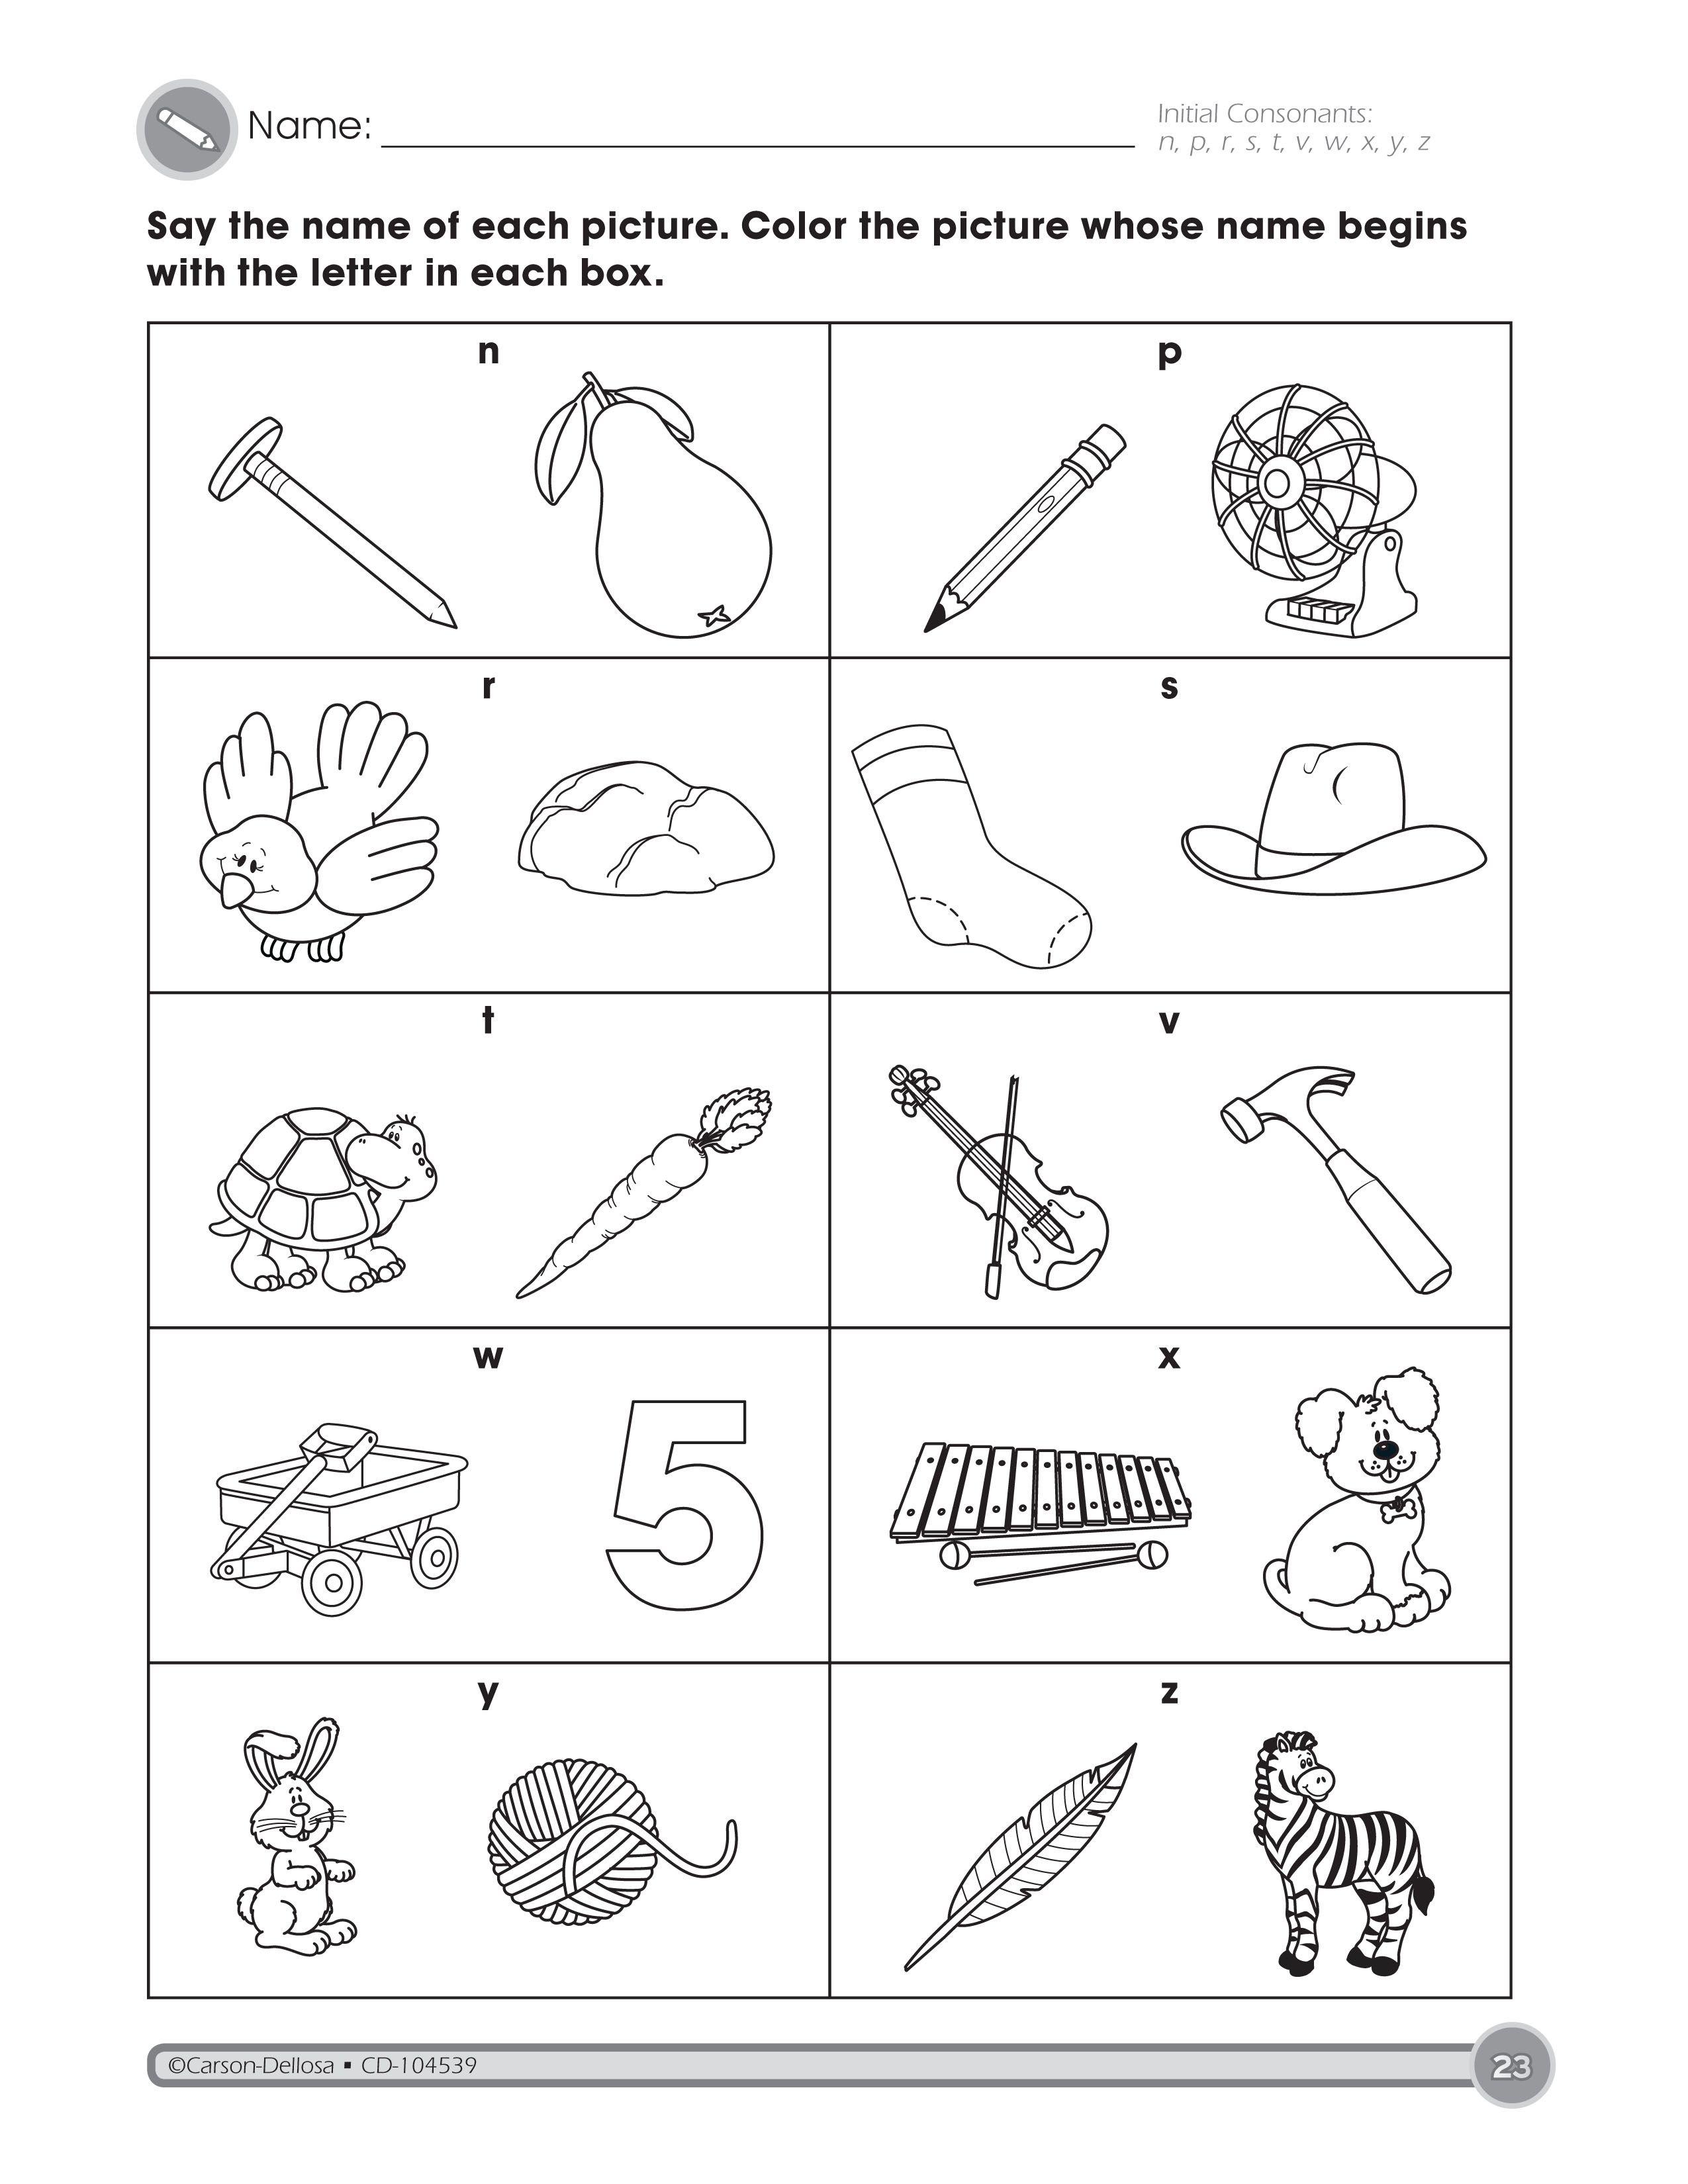 The Initial Consonants Activity Part 3 Helps Students Identify Consonant S Kindergarten Worksheets Free Kindergarten Worksheets Literacy Centers Kindergarten [ 3300 x 2550 Pixel ]